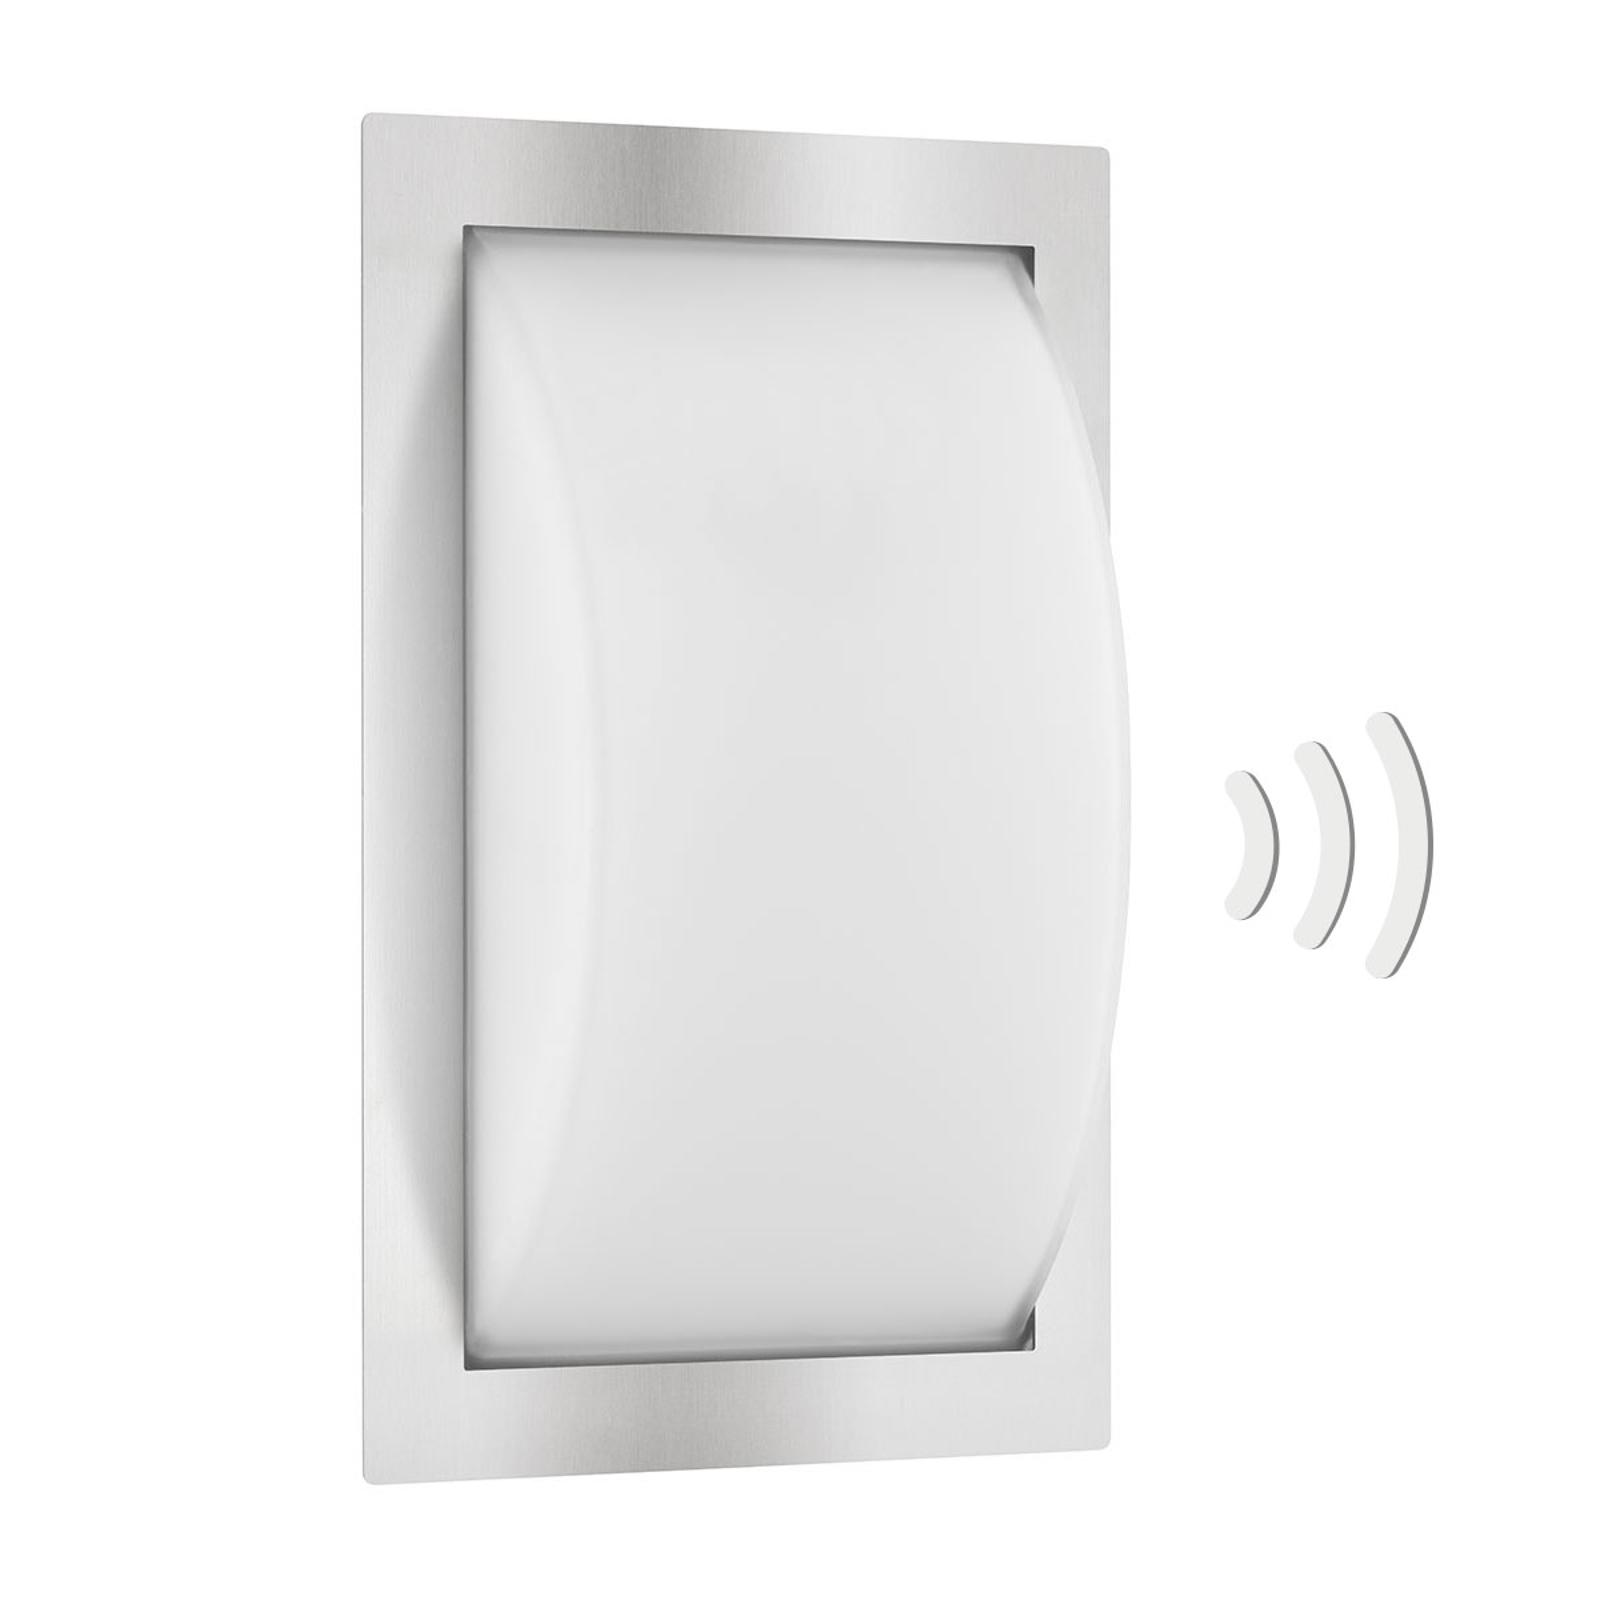 Buitenwandlamp Ivett E27 RVS met bewegingsmelder